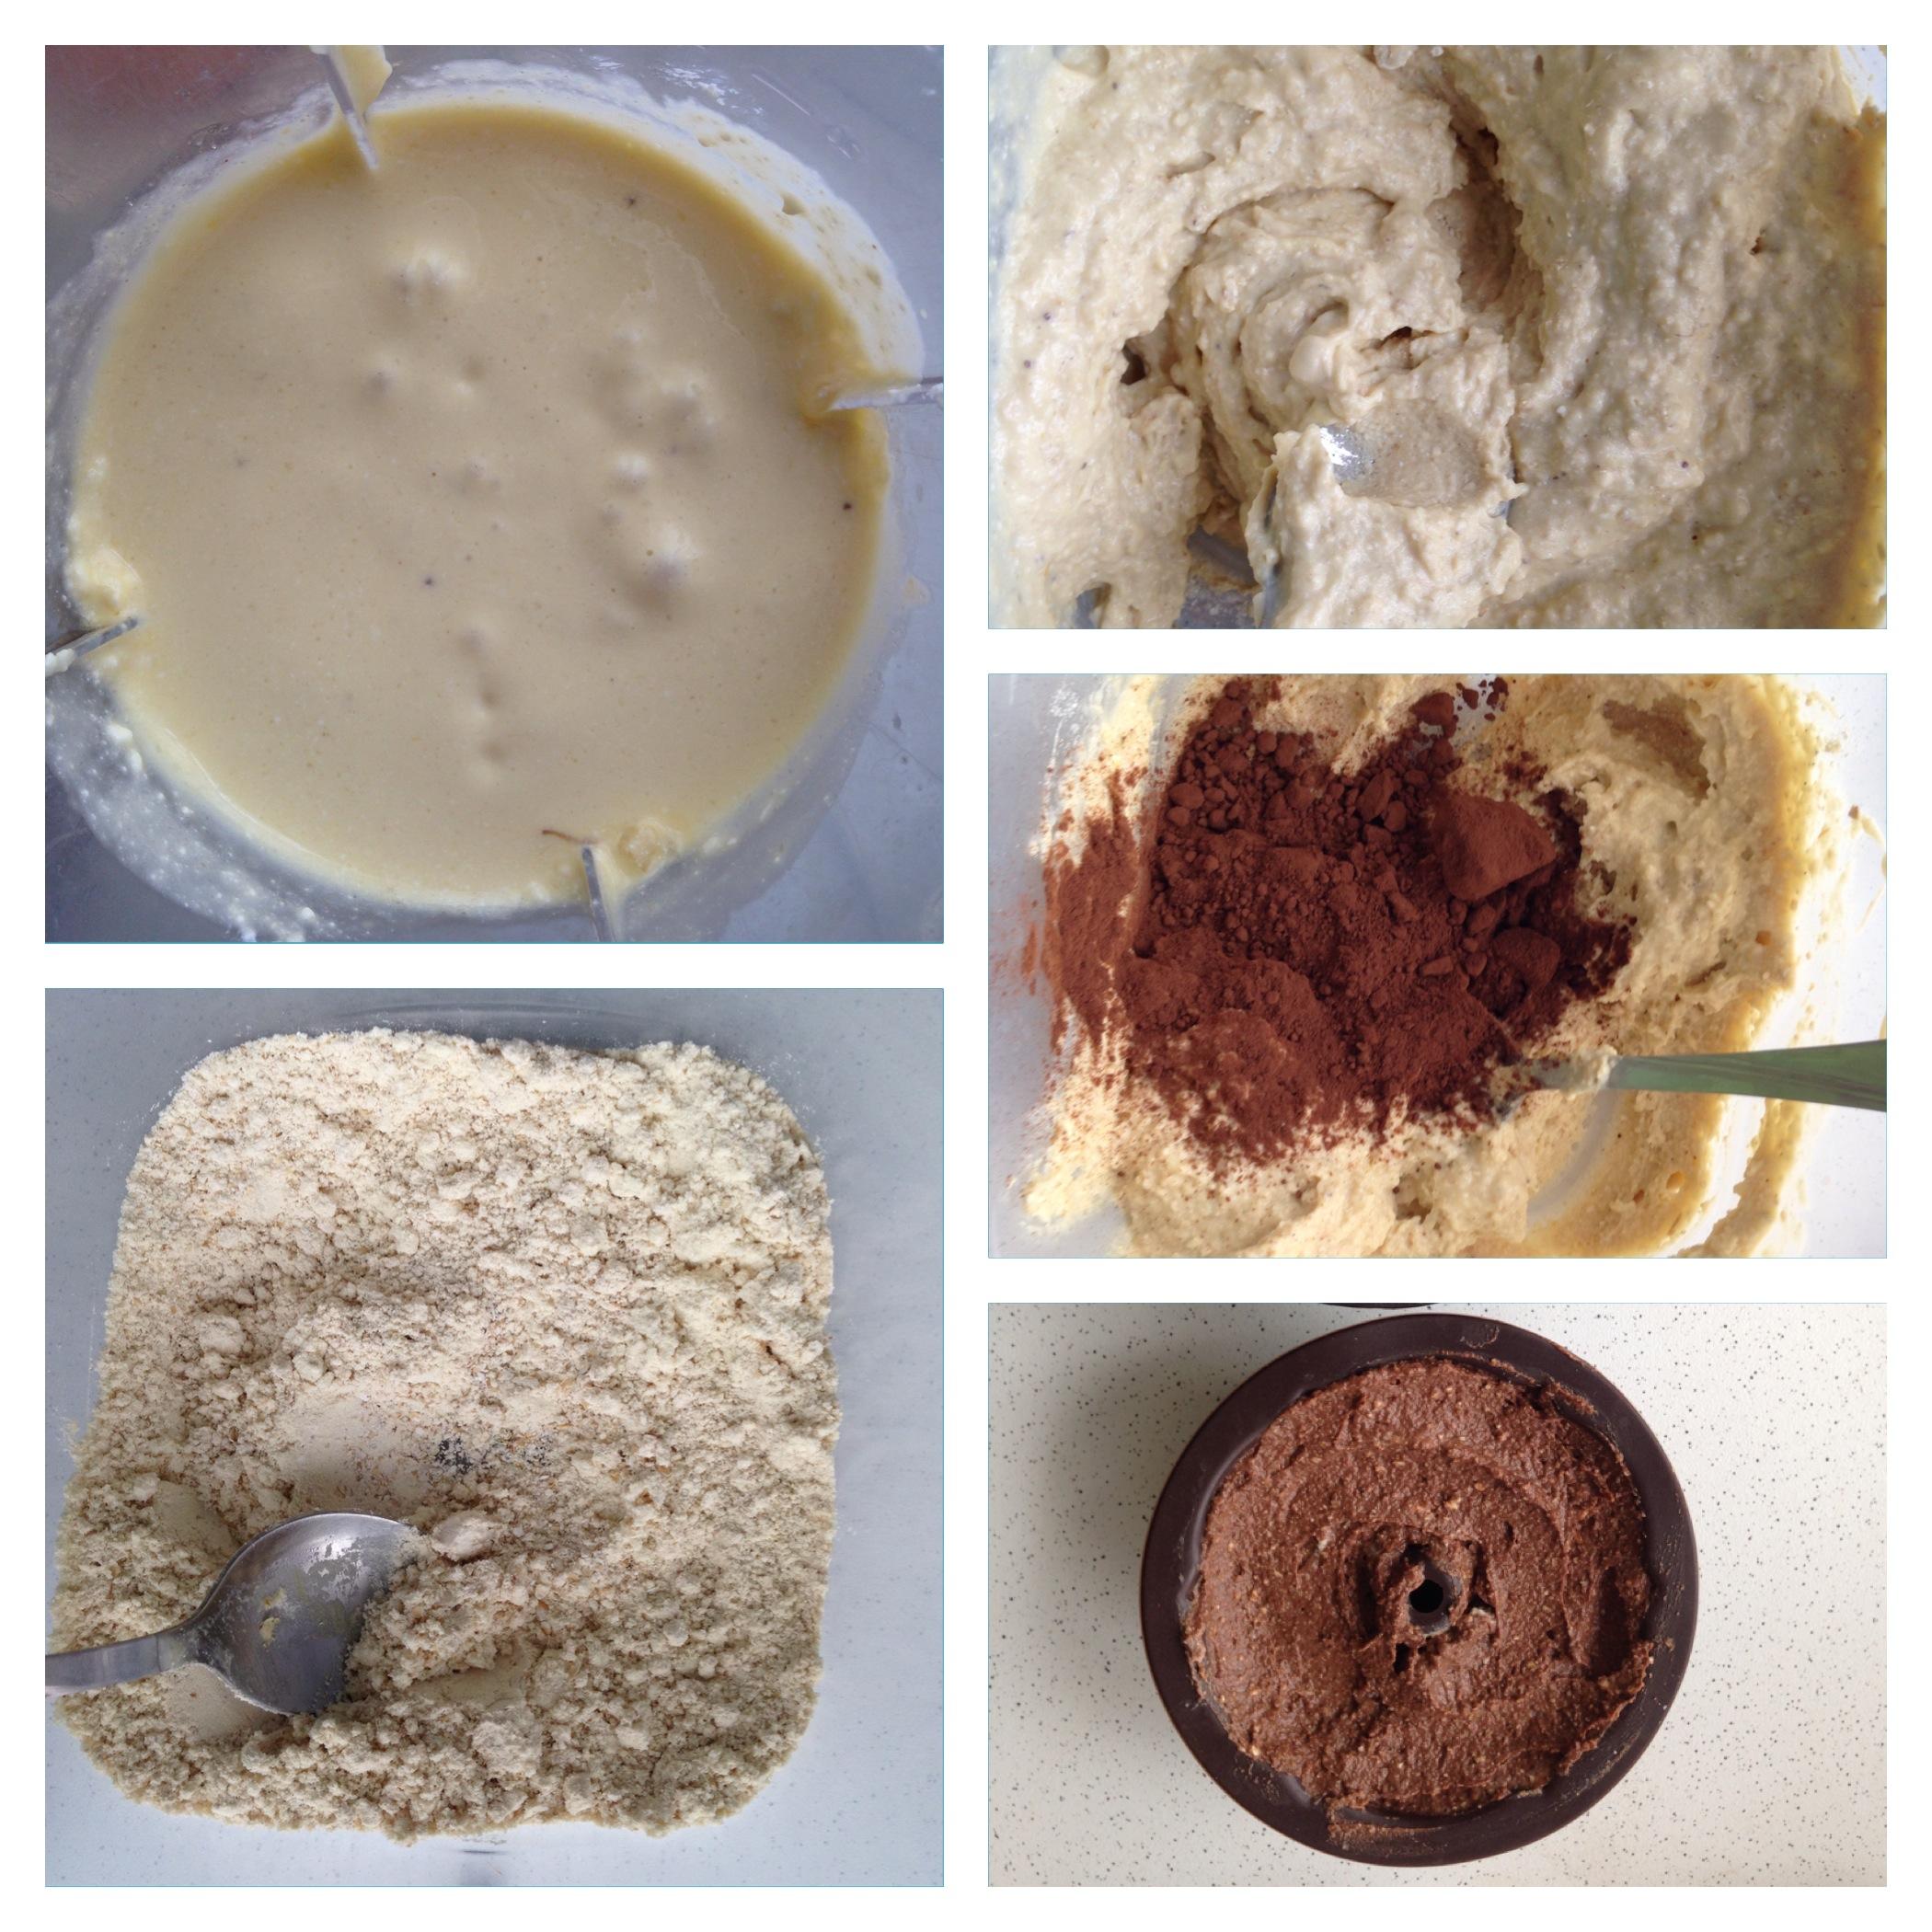 csokis_bananos_kuglof_recept